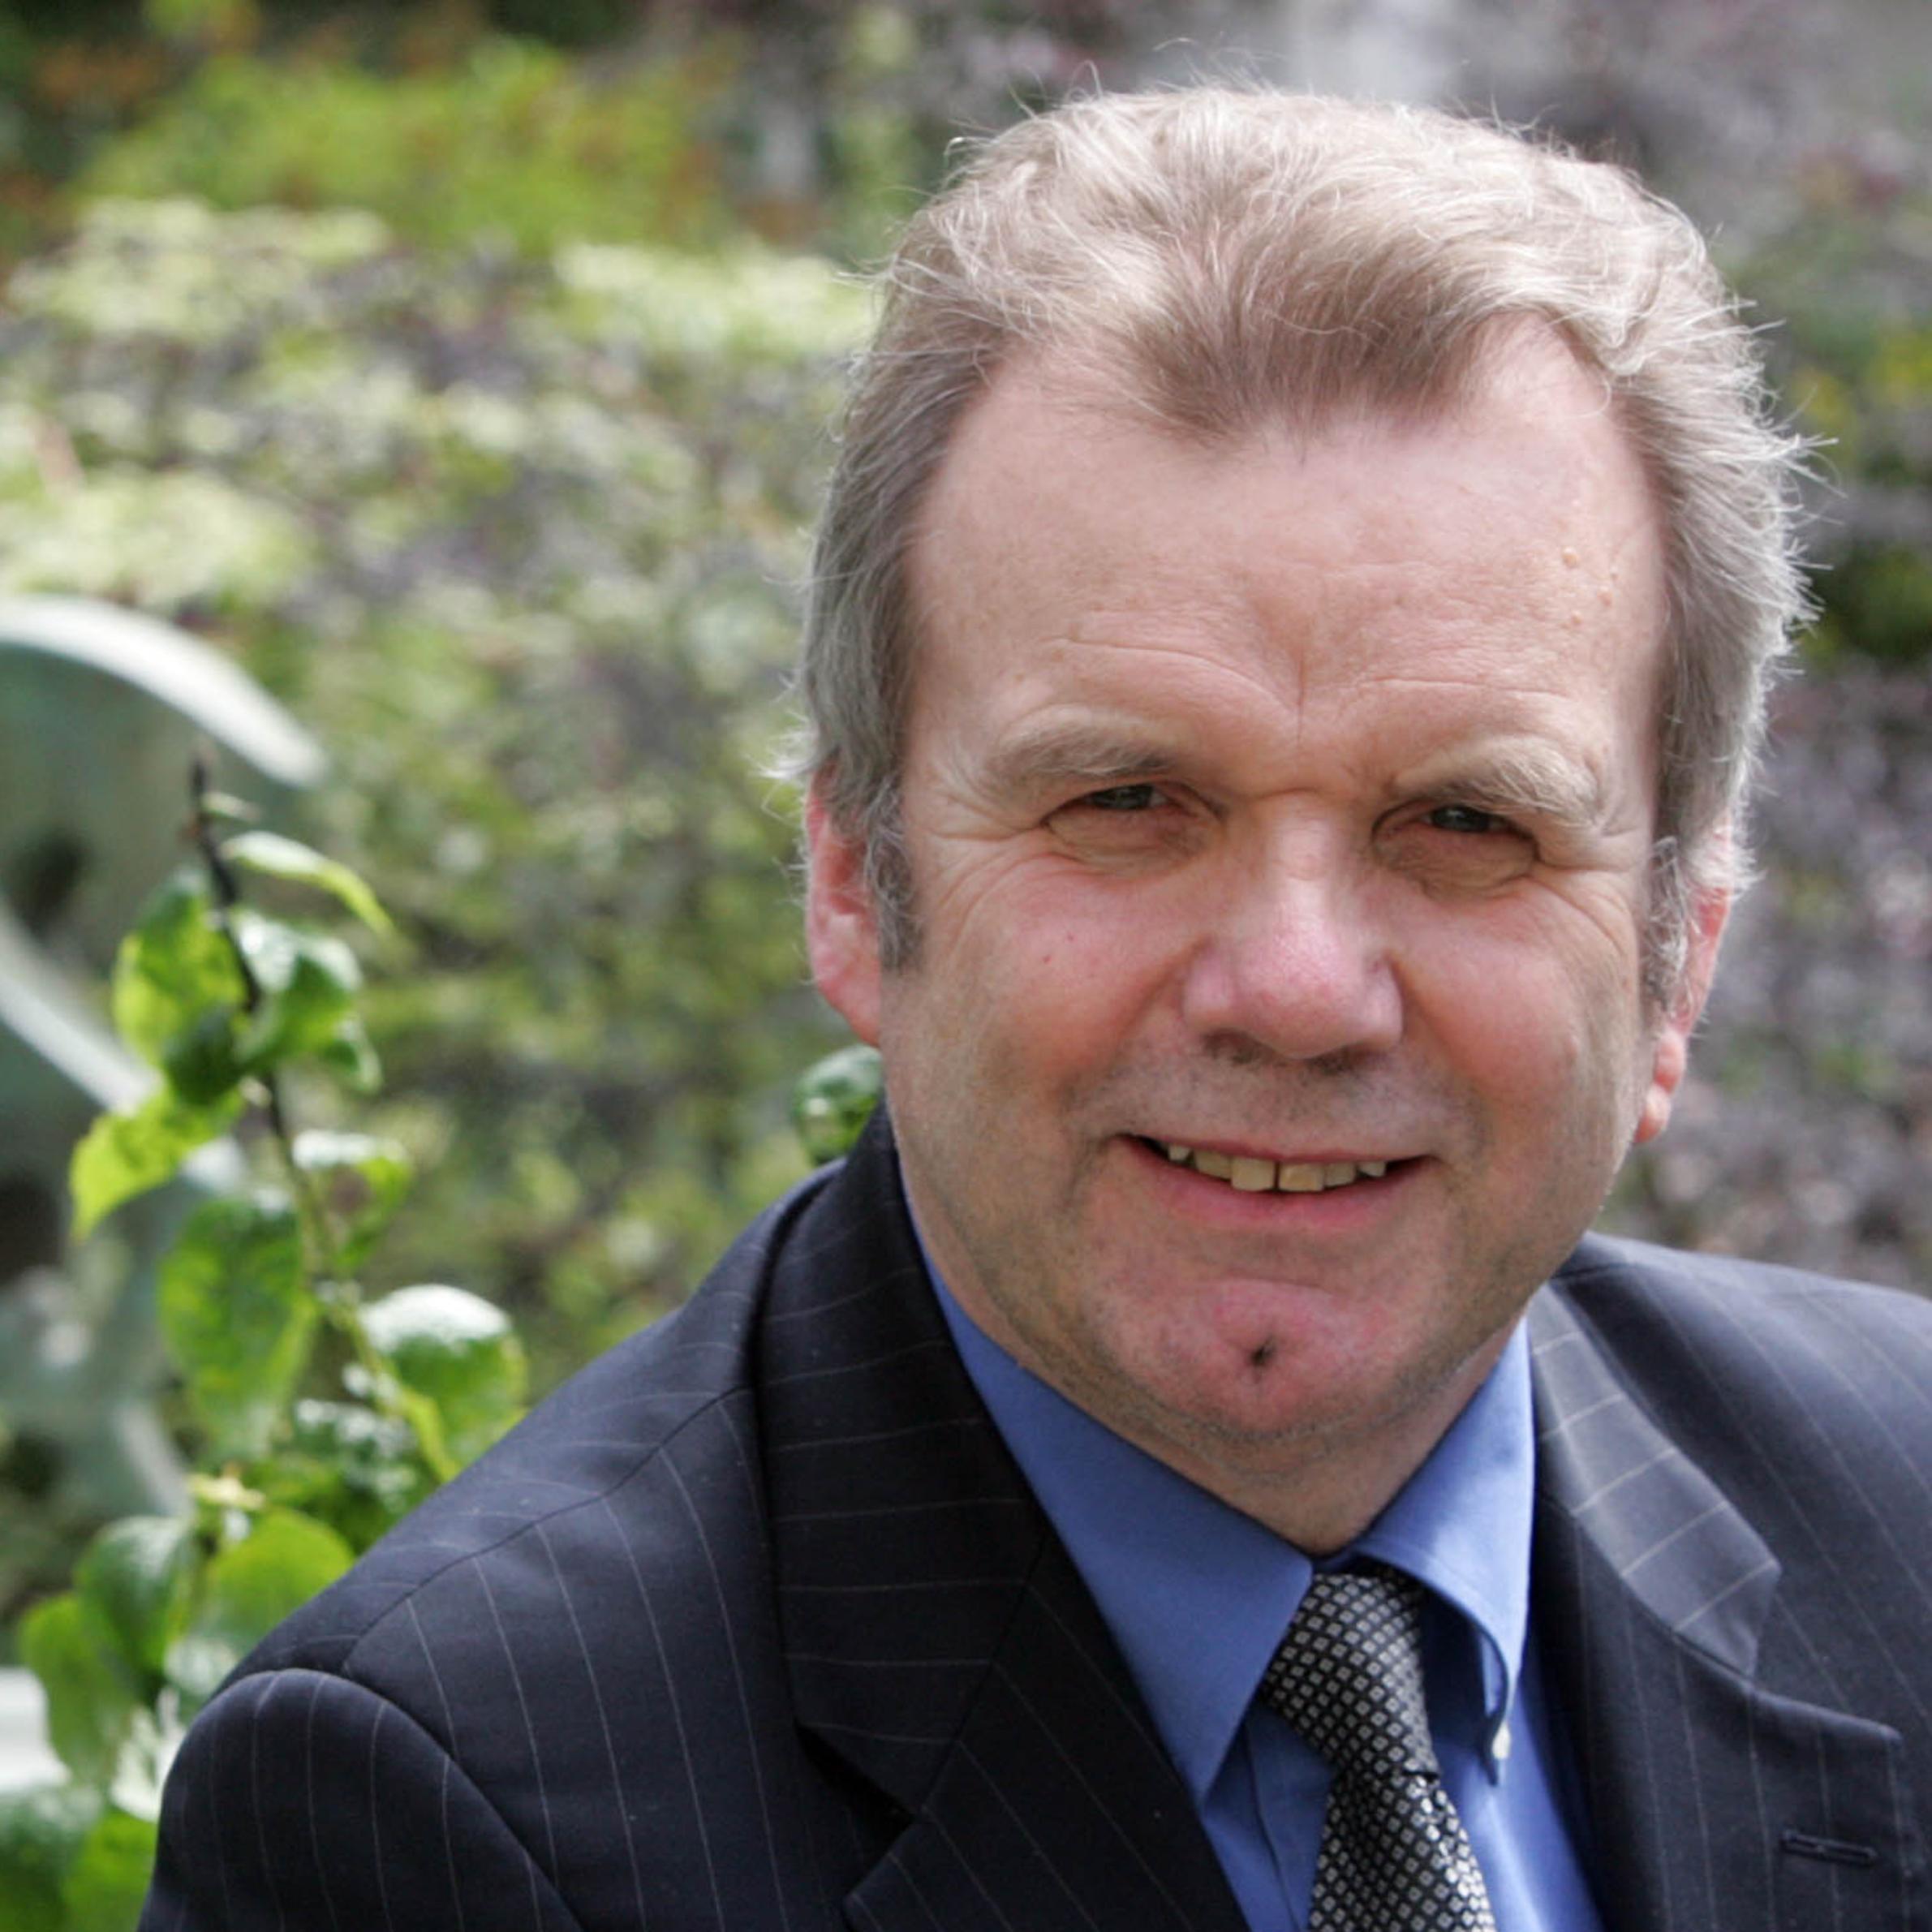 Niall O'Dowd